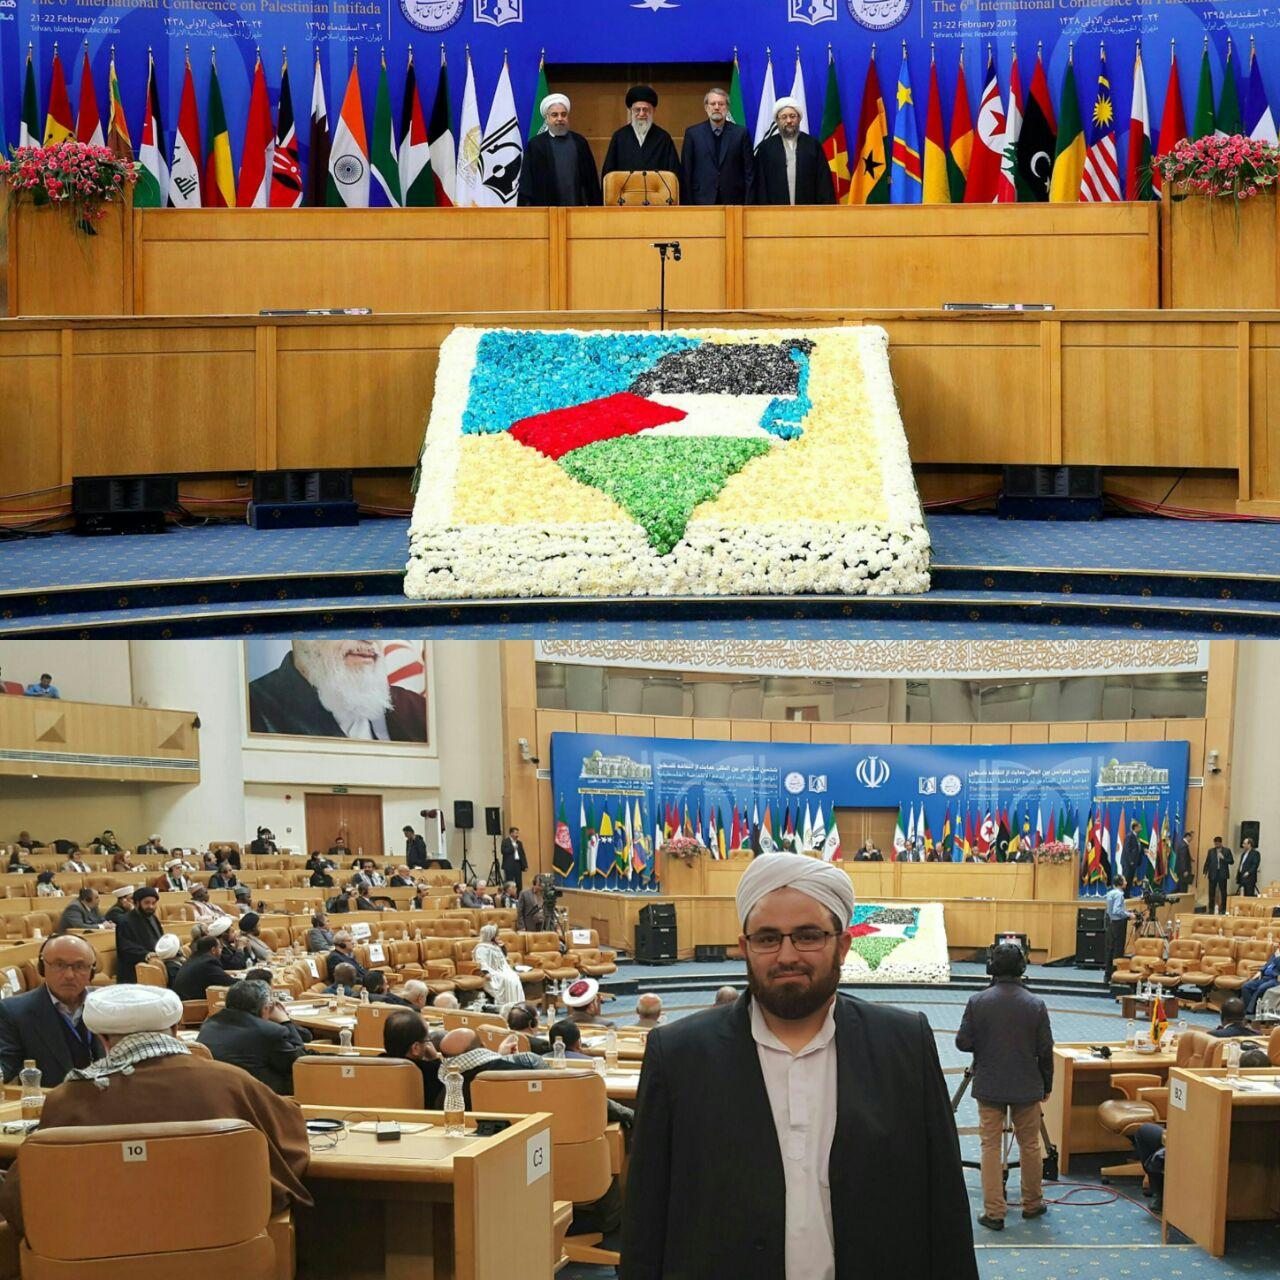 ششمین کنفرانس بینالمللی حمایت از انتفاضه فلسطین به ریاست مجلس شورای اسلامی جمهوری اسلامی ایران در سالن اجلاس با حضور رئیس مجالس کشورهای اسلامی